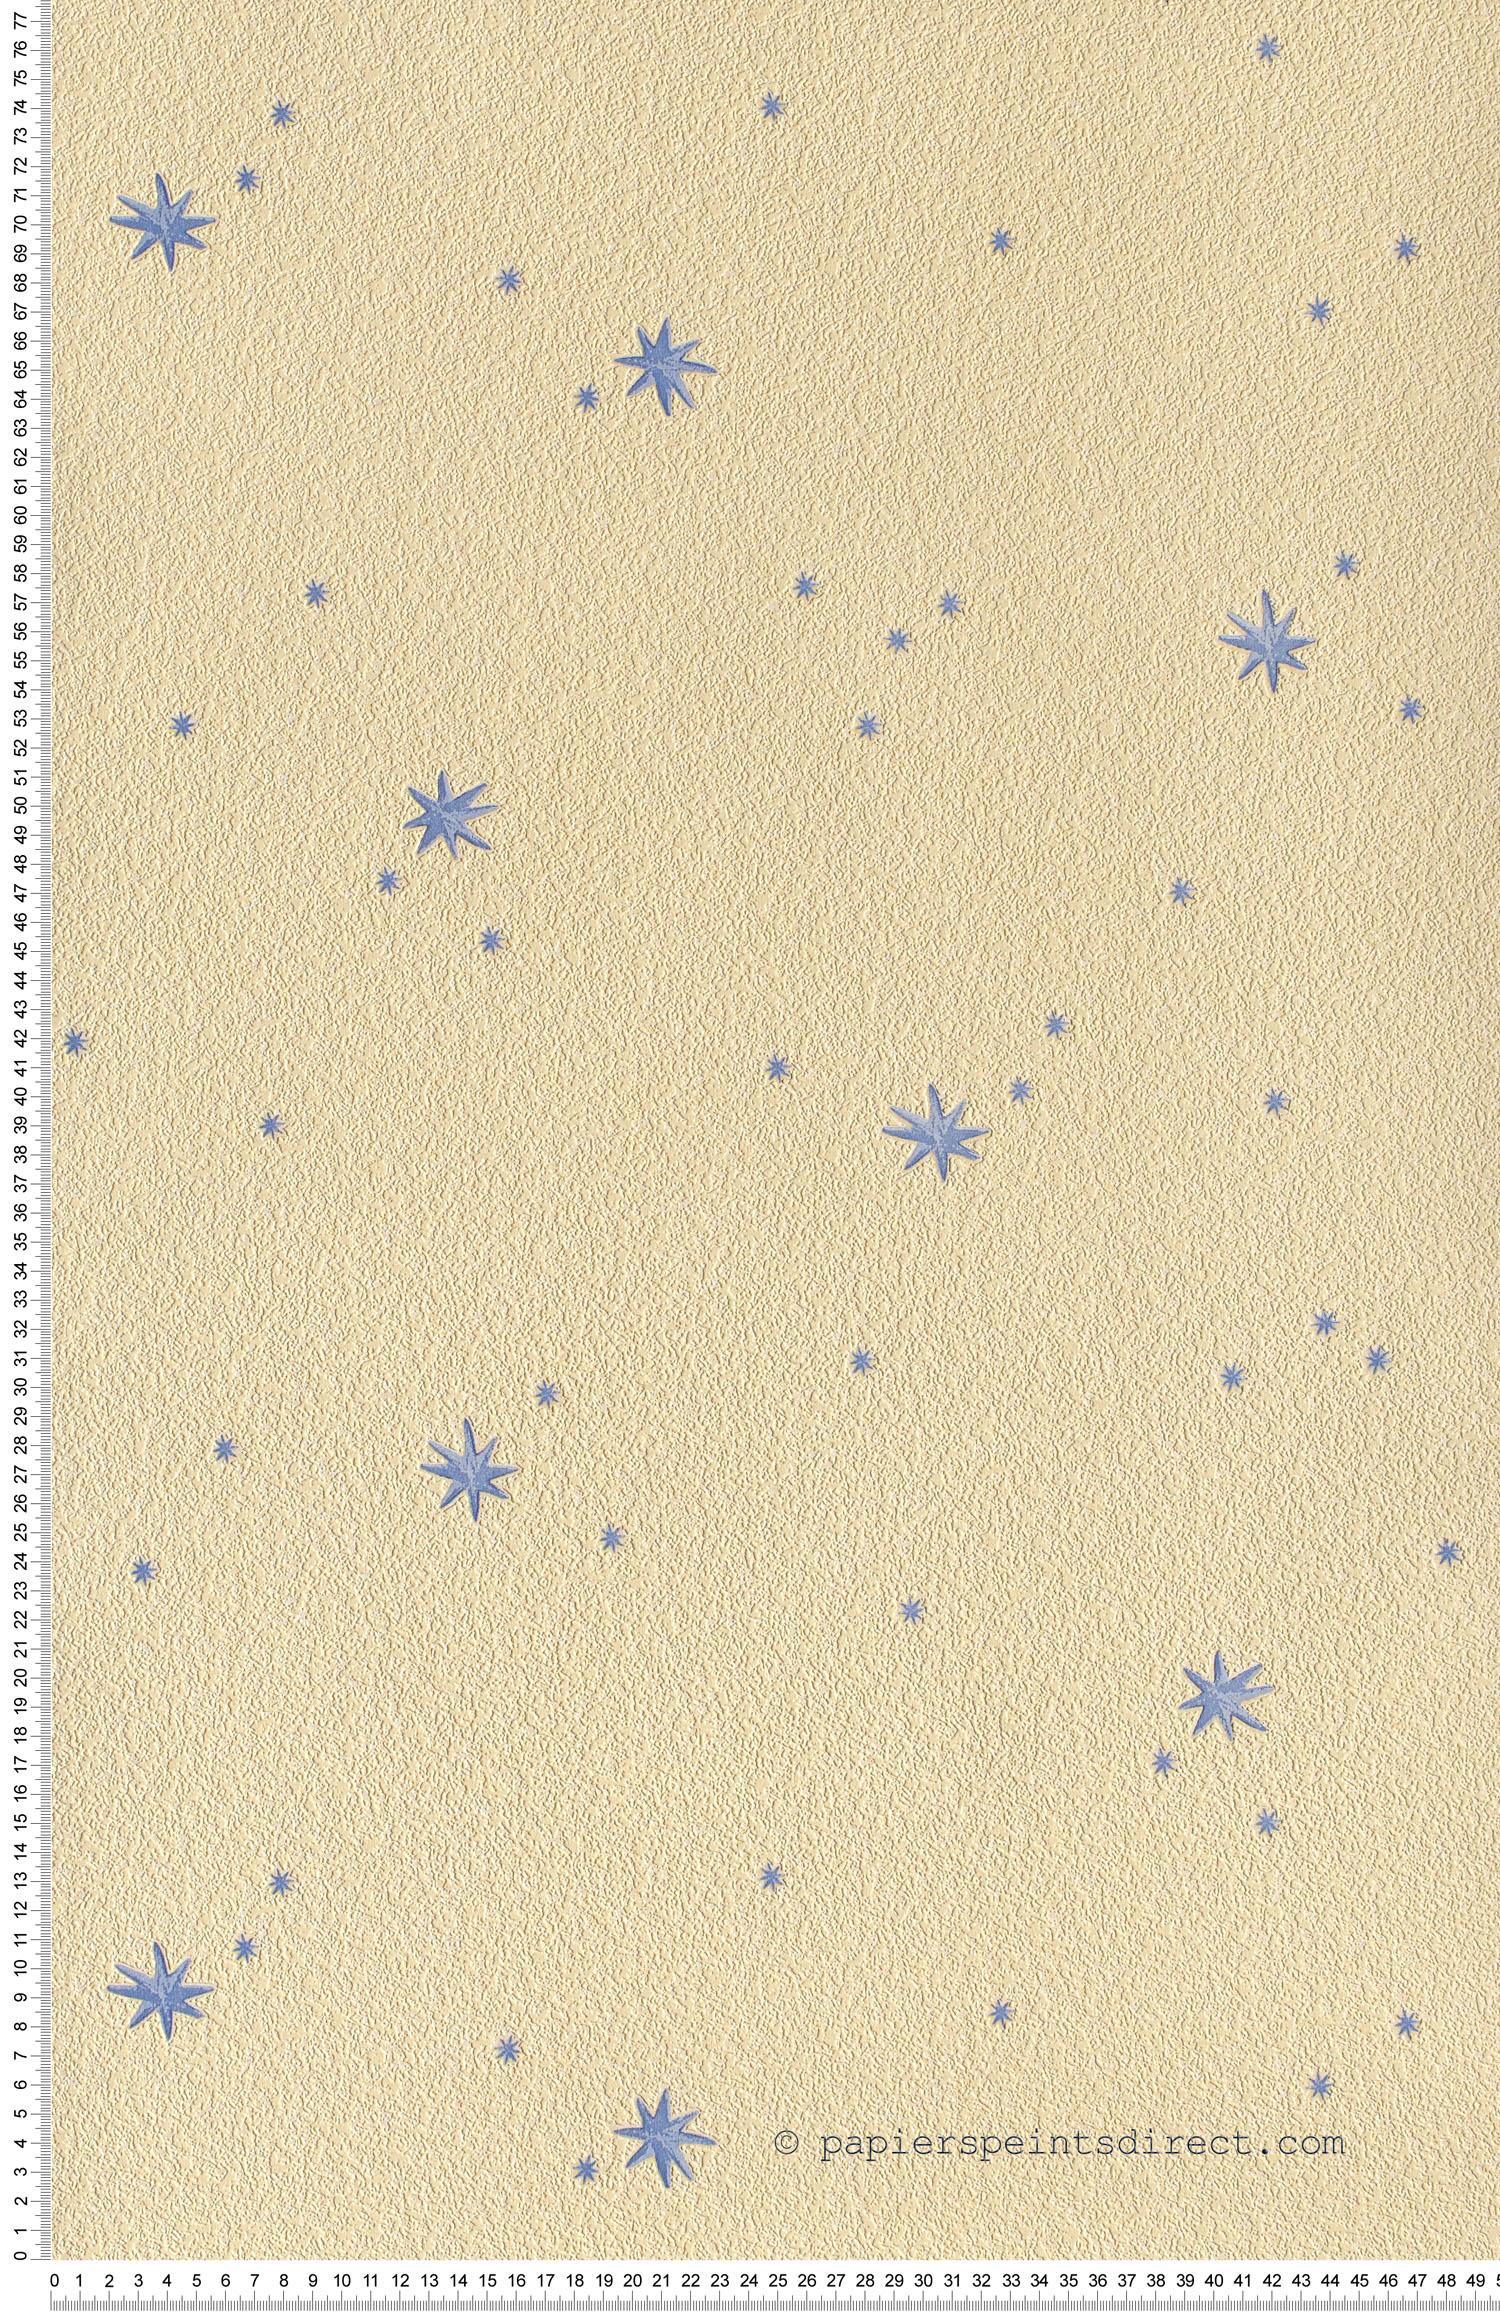 Etoiles bleues et ciel jaune pâle - Papier peint Dekora Natur d'AS Création